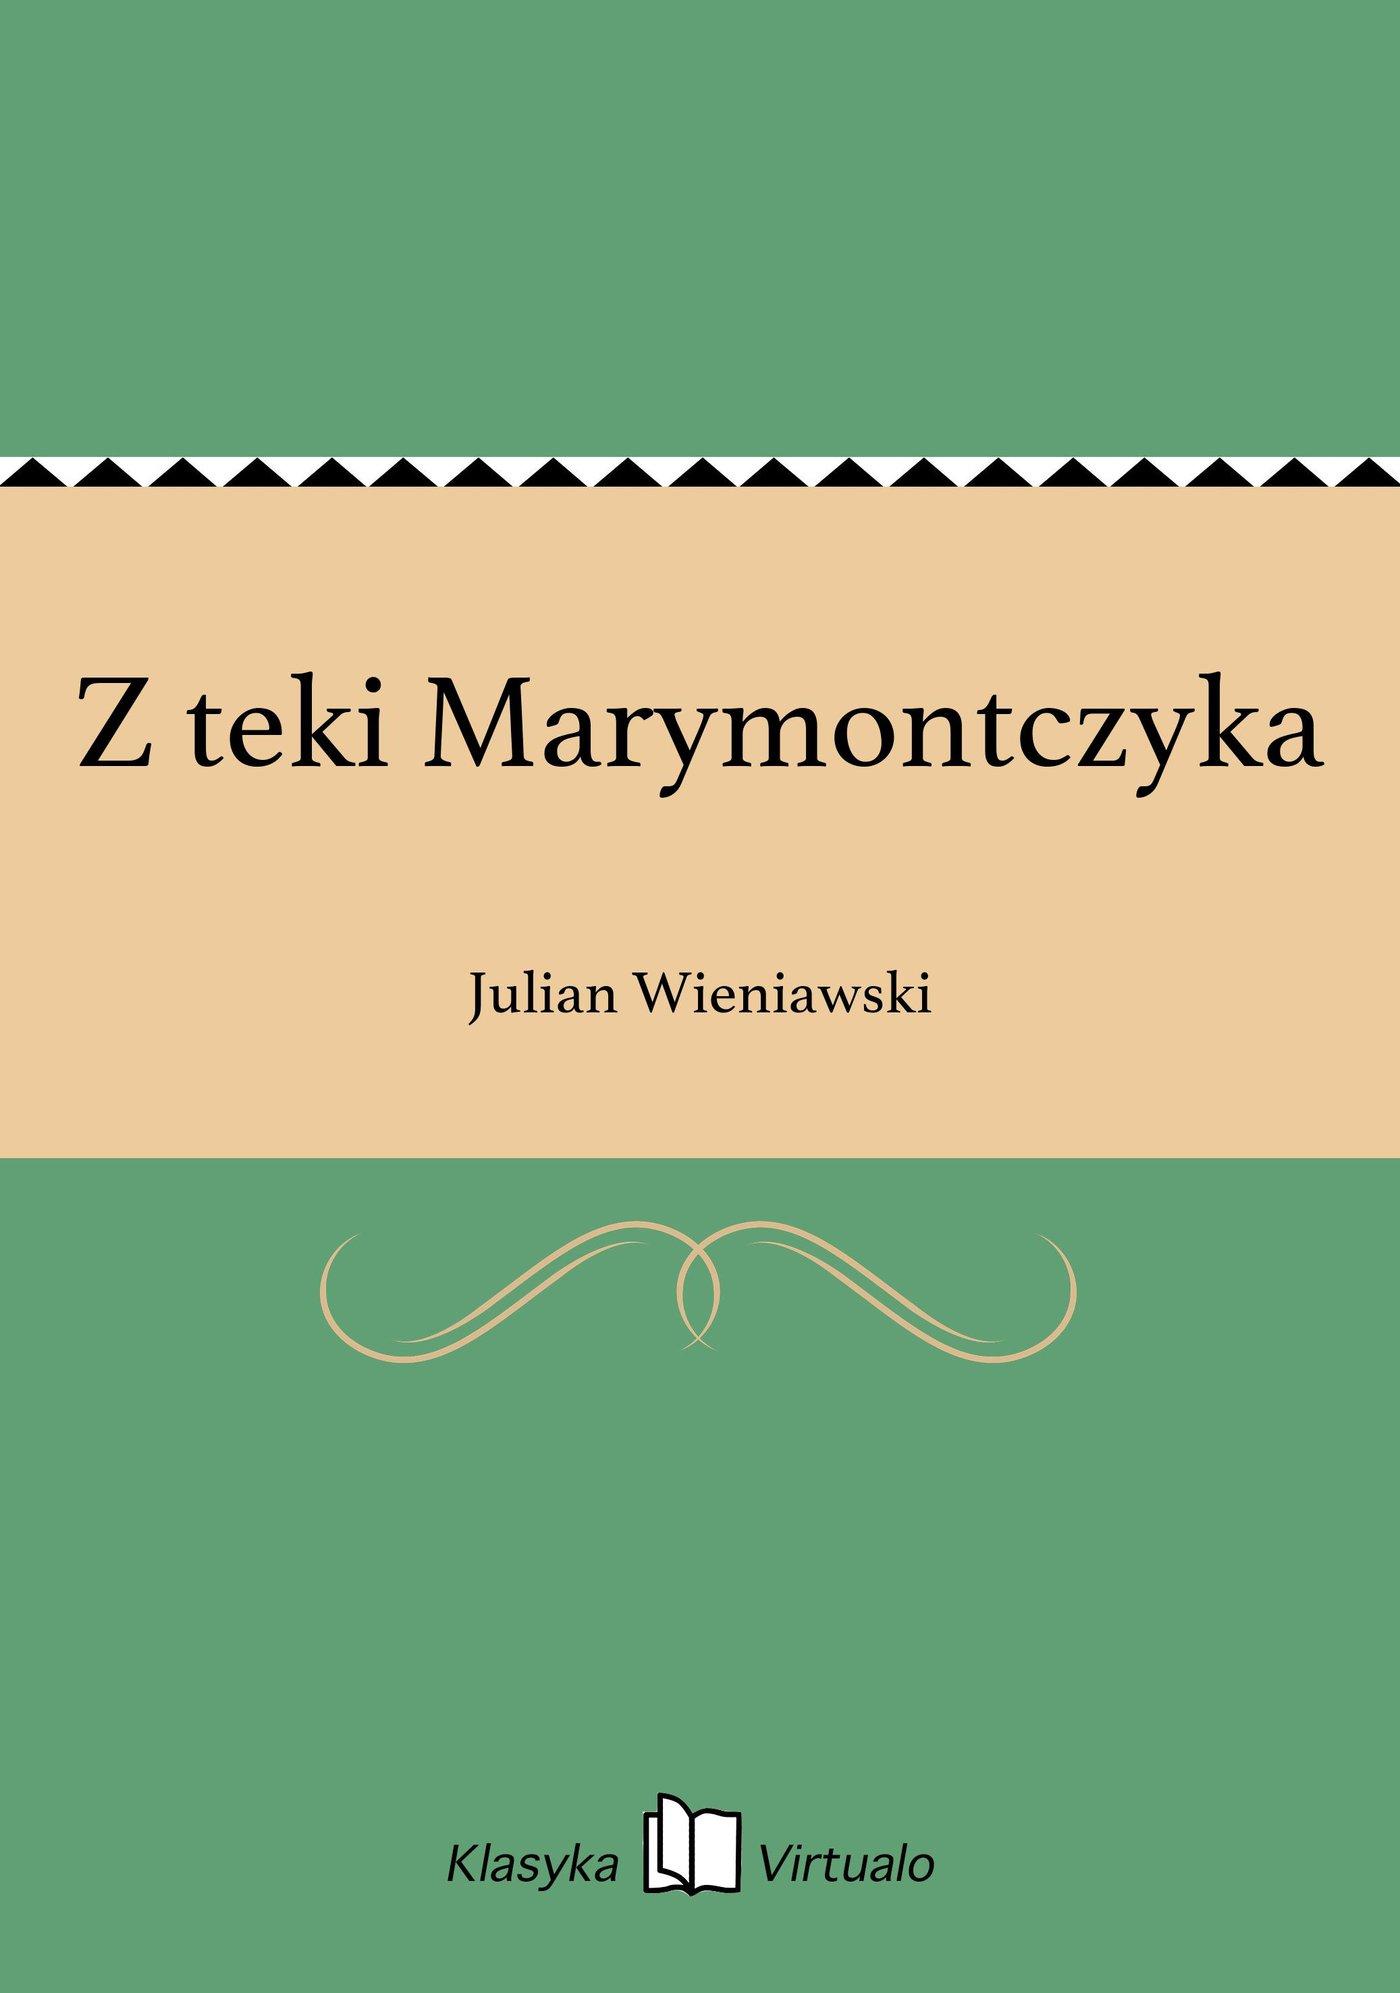 Z teki Marymontczyka - Ebook (Książka na Kindle) do pobrania w formacie MOBI